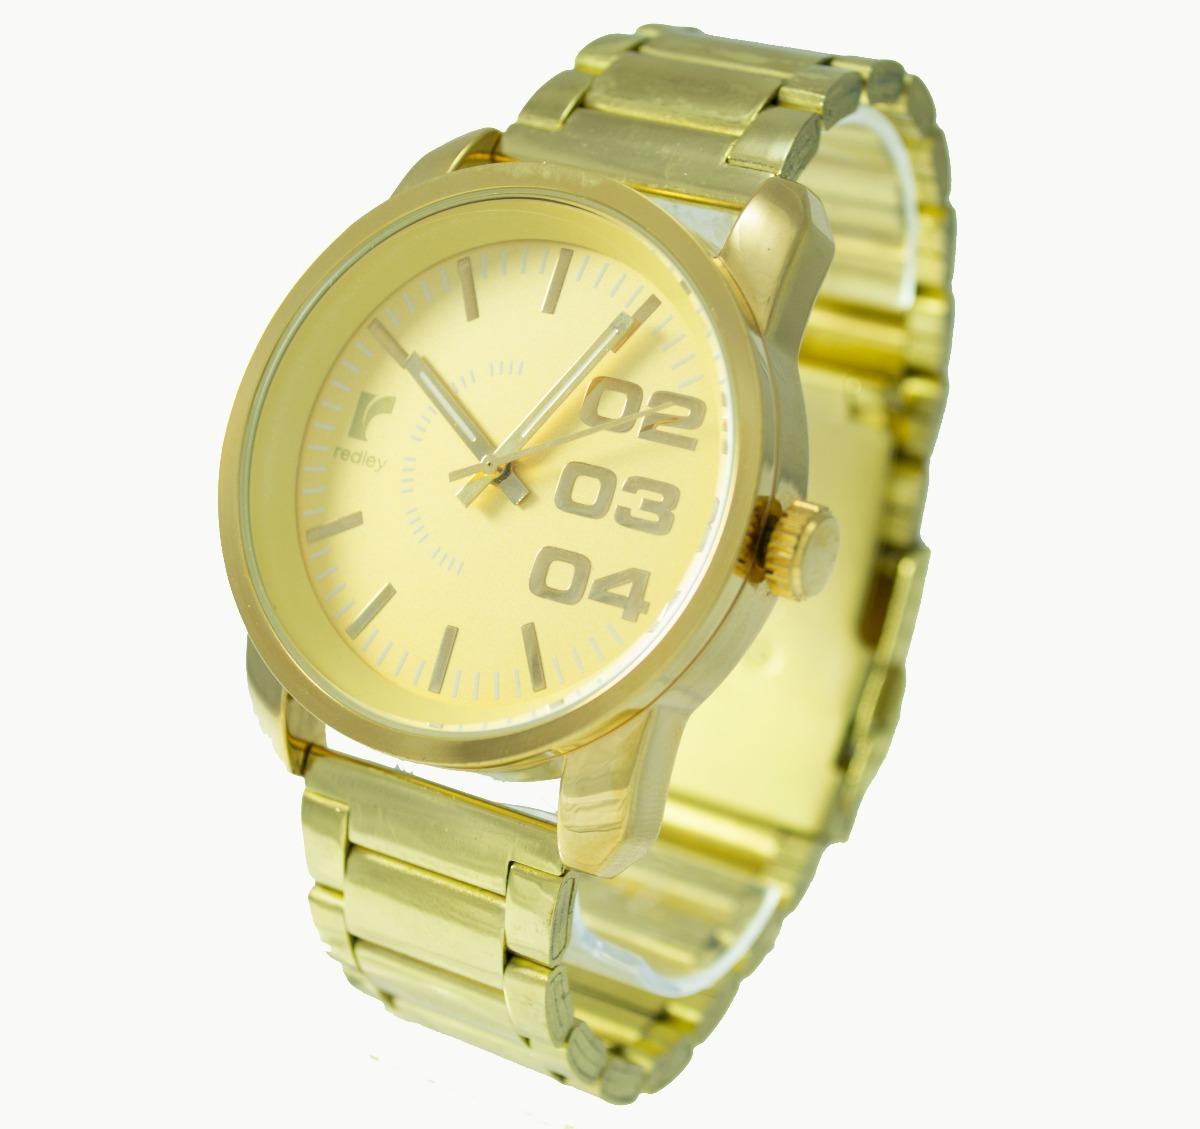 e54e7f3dbdd relógio masculino dourado redley barato revenda atacado caix. Carregando  zoom.